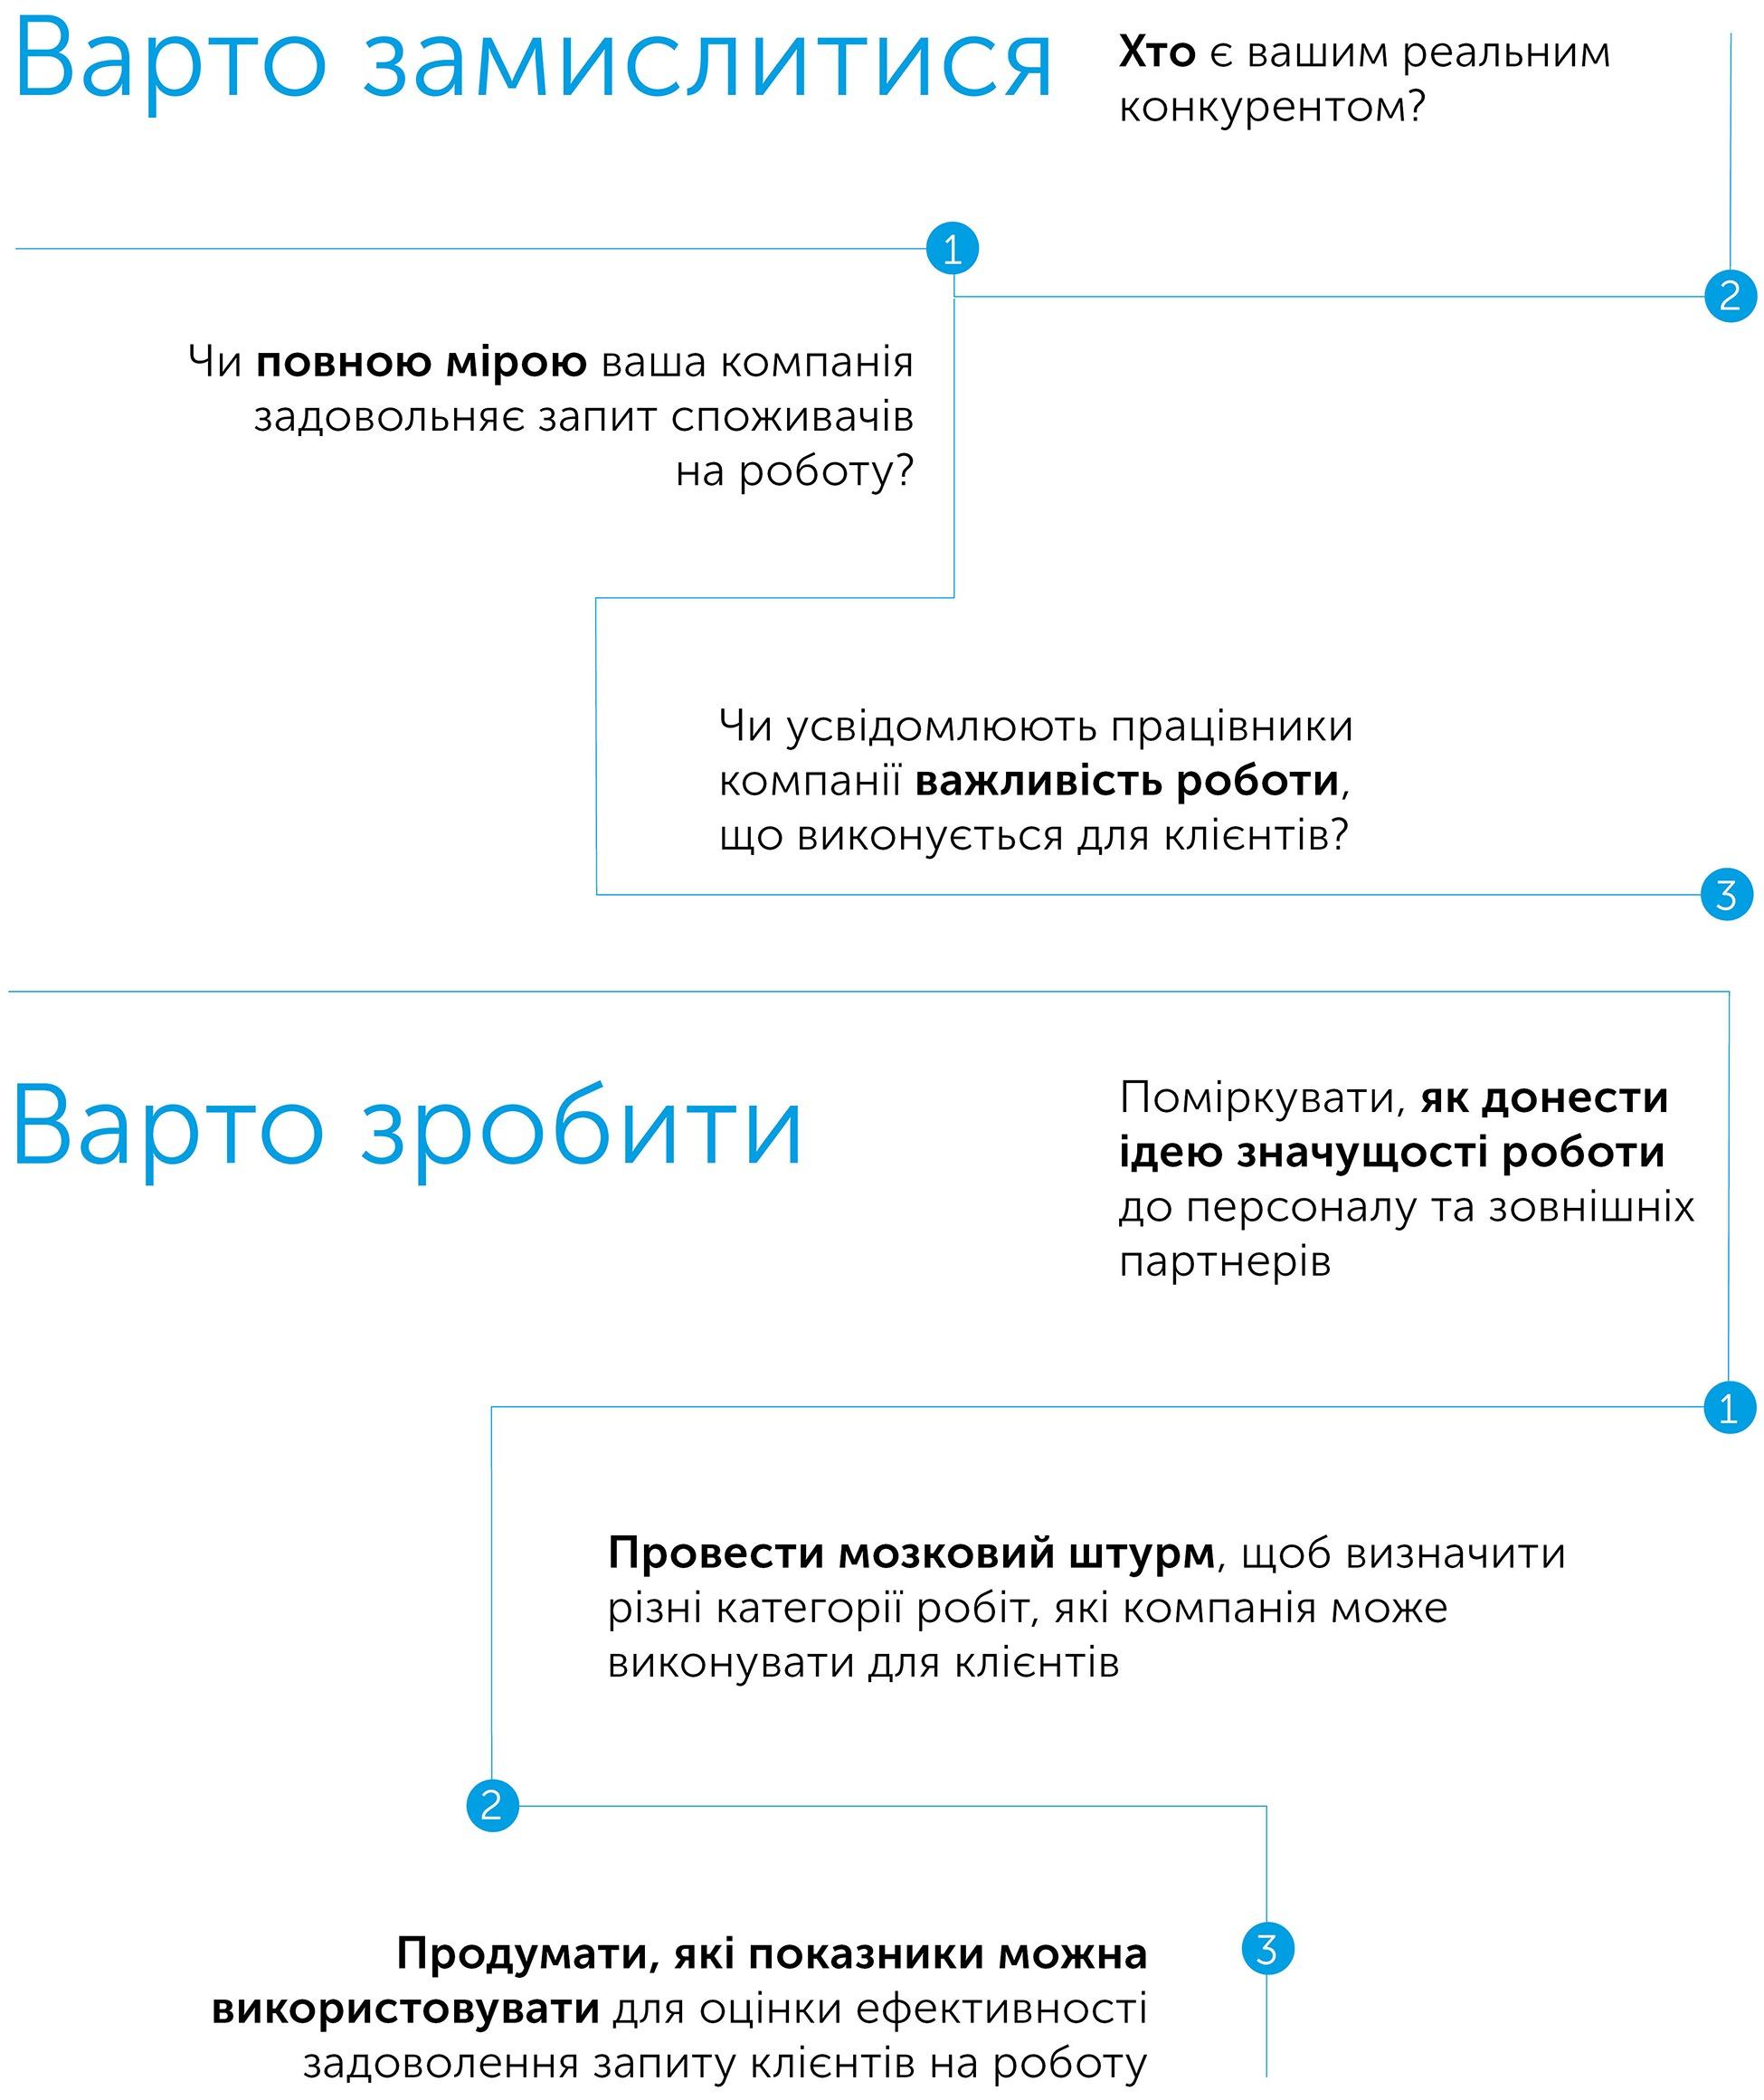 Як конкурувати, не покладаючись на удачу: історія про інновації та вибір споживача, автор Карен Діллон   Kyivstar Business Hub, зображення №4